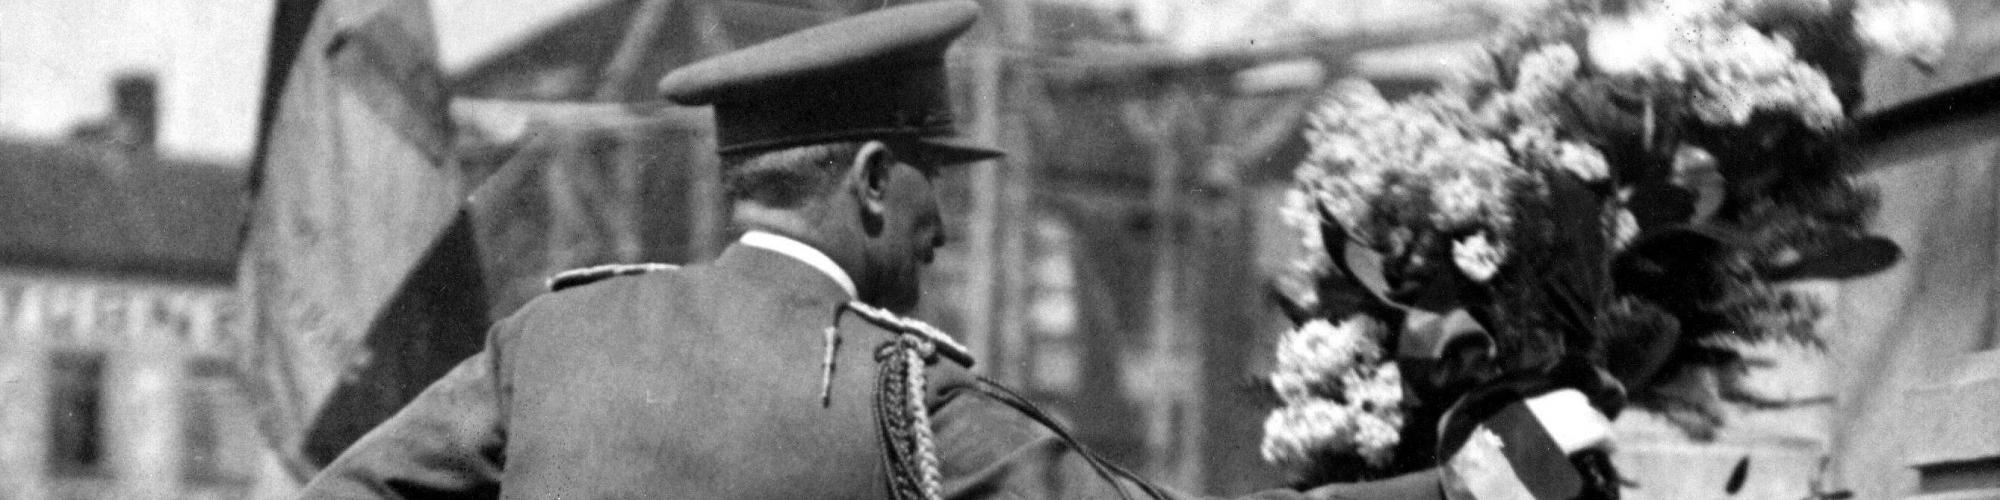 Idées belges et anti-séparatisme